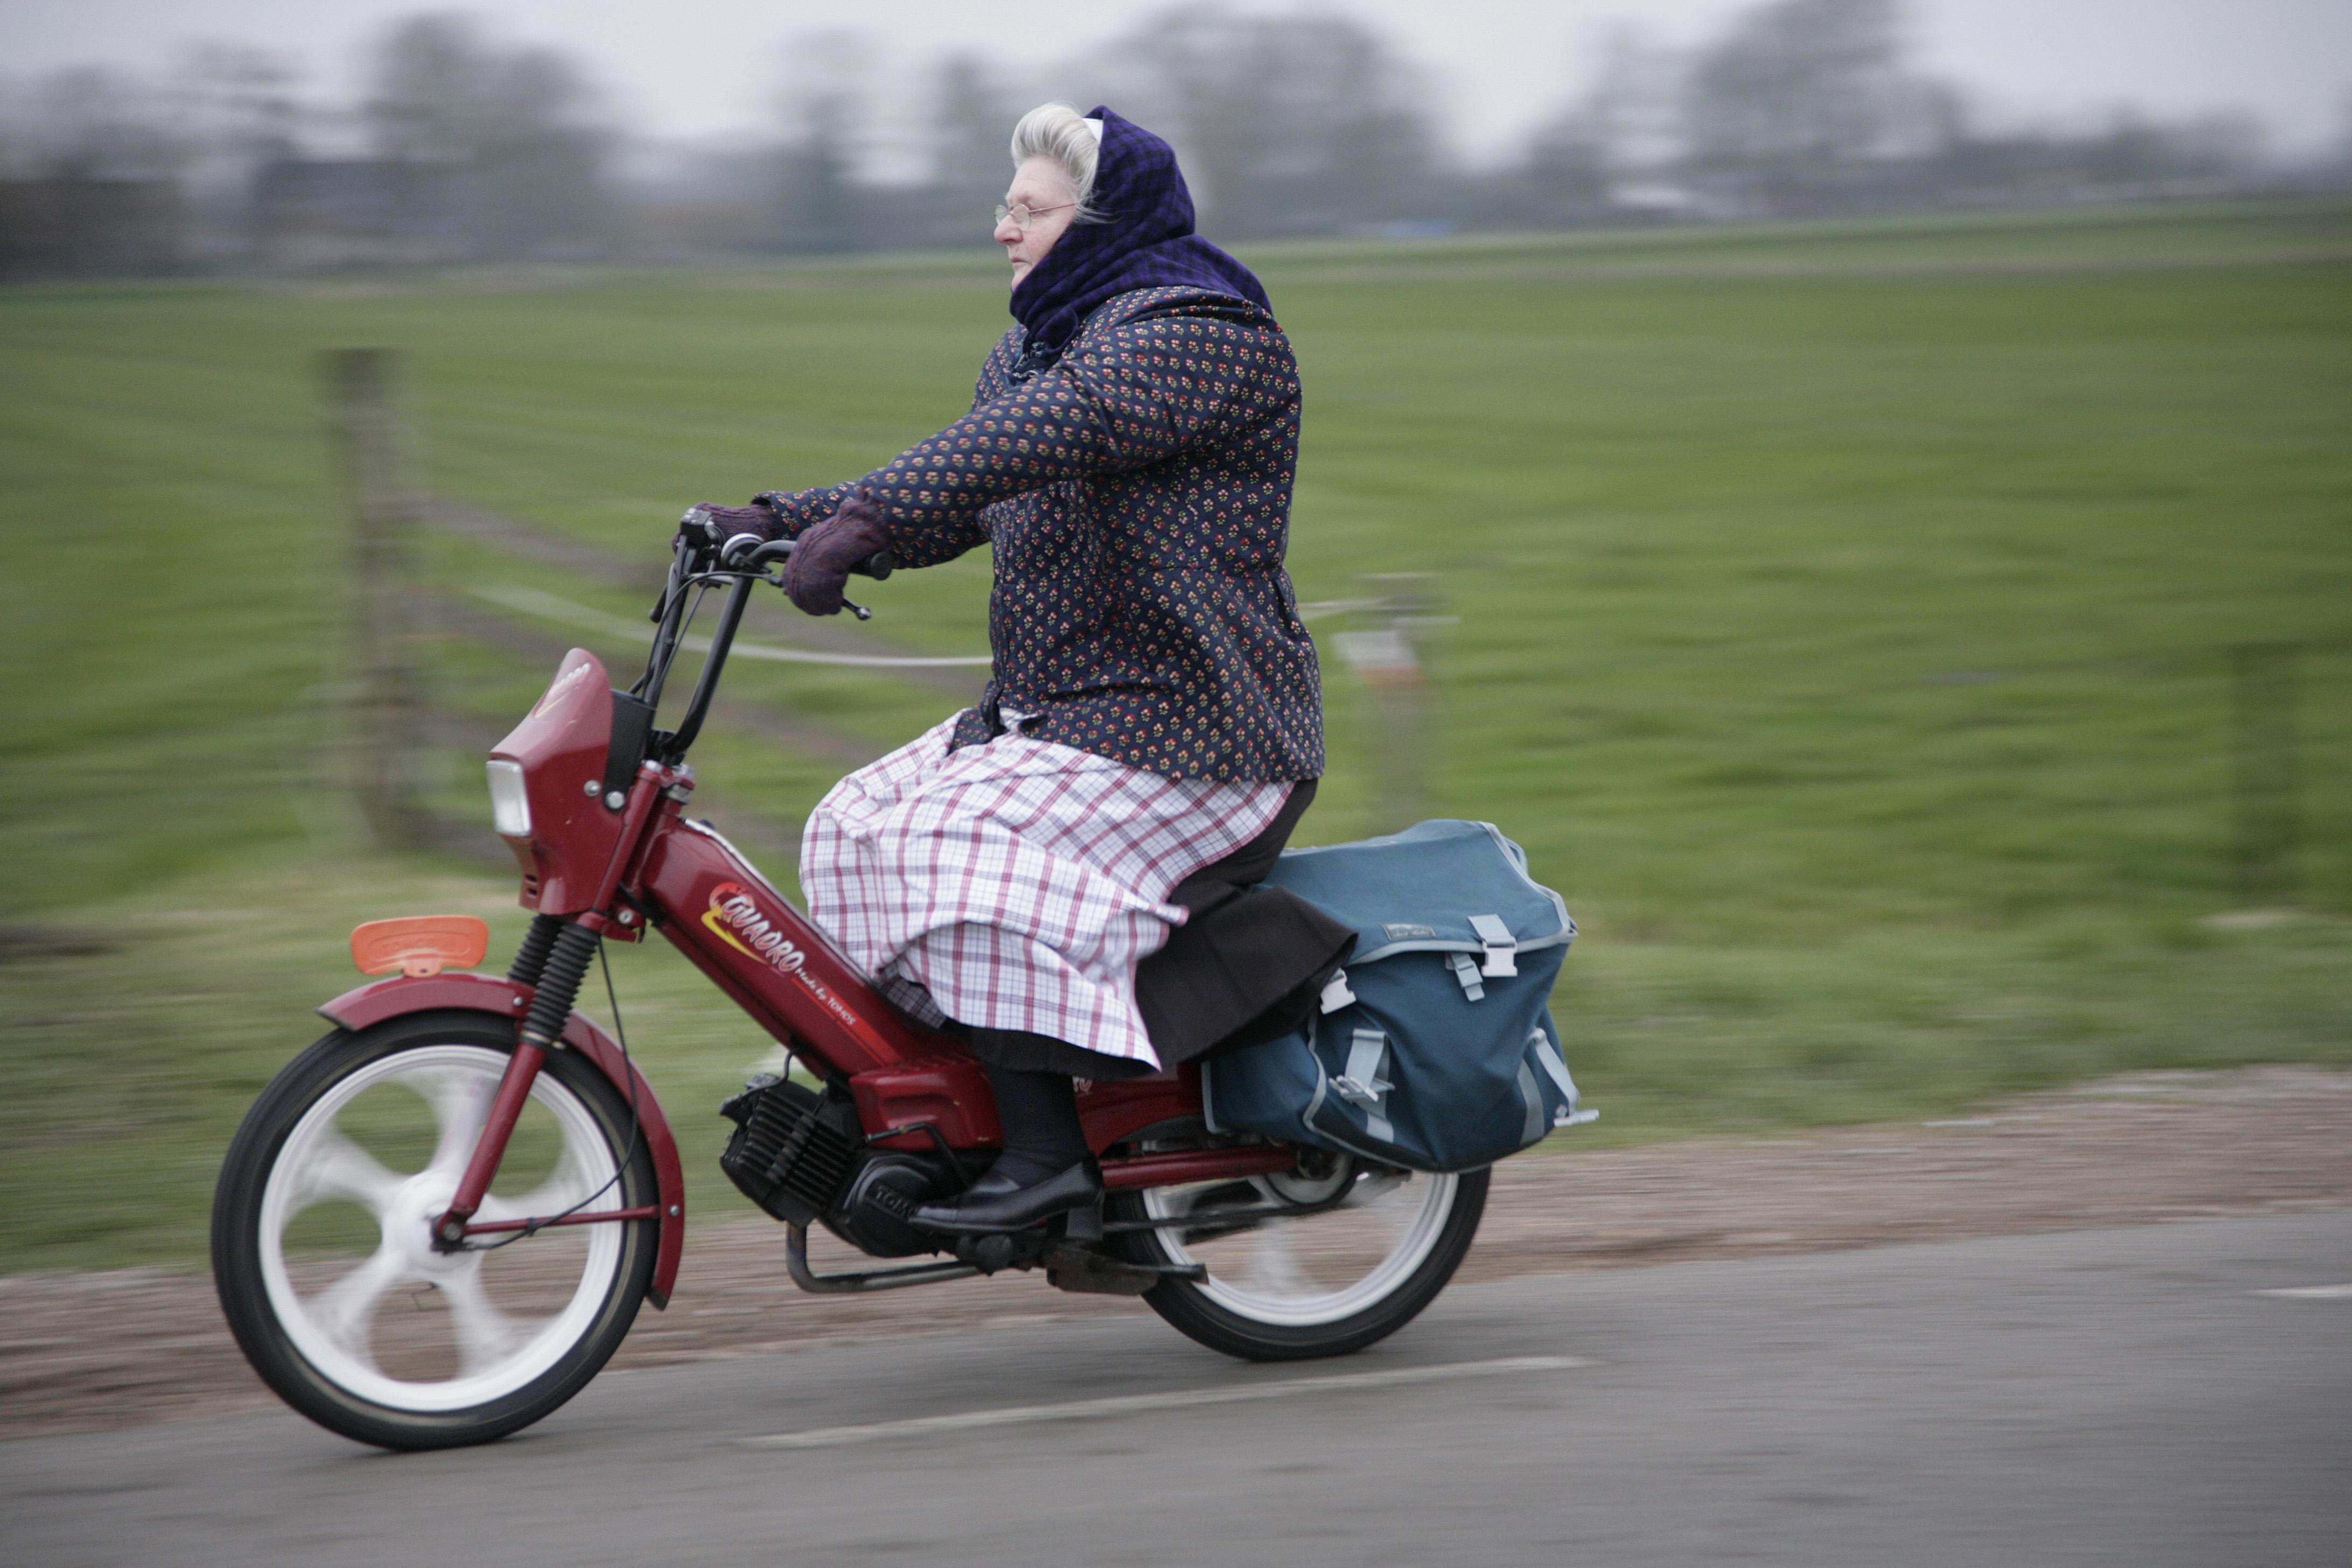 Vrouw in Spakenburger streekdracht, met hulk of grootjak, op de brommer. Foto: Bert Verhoeff.